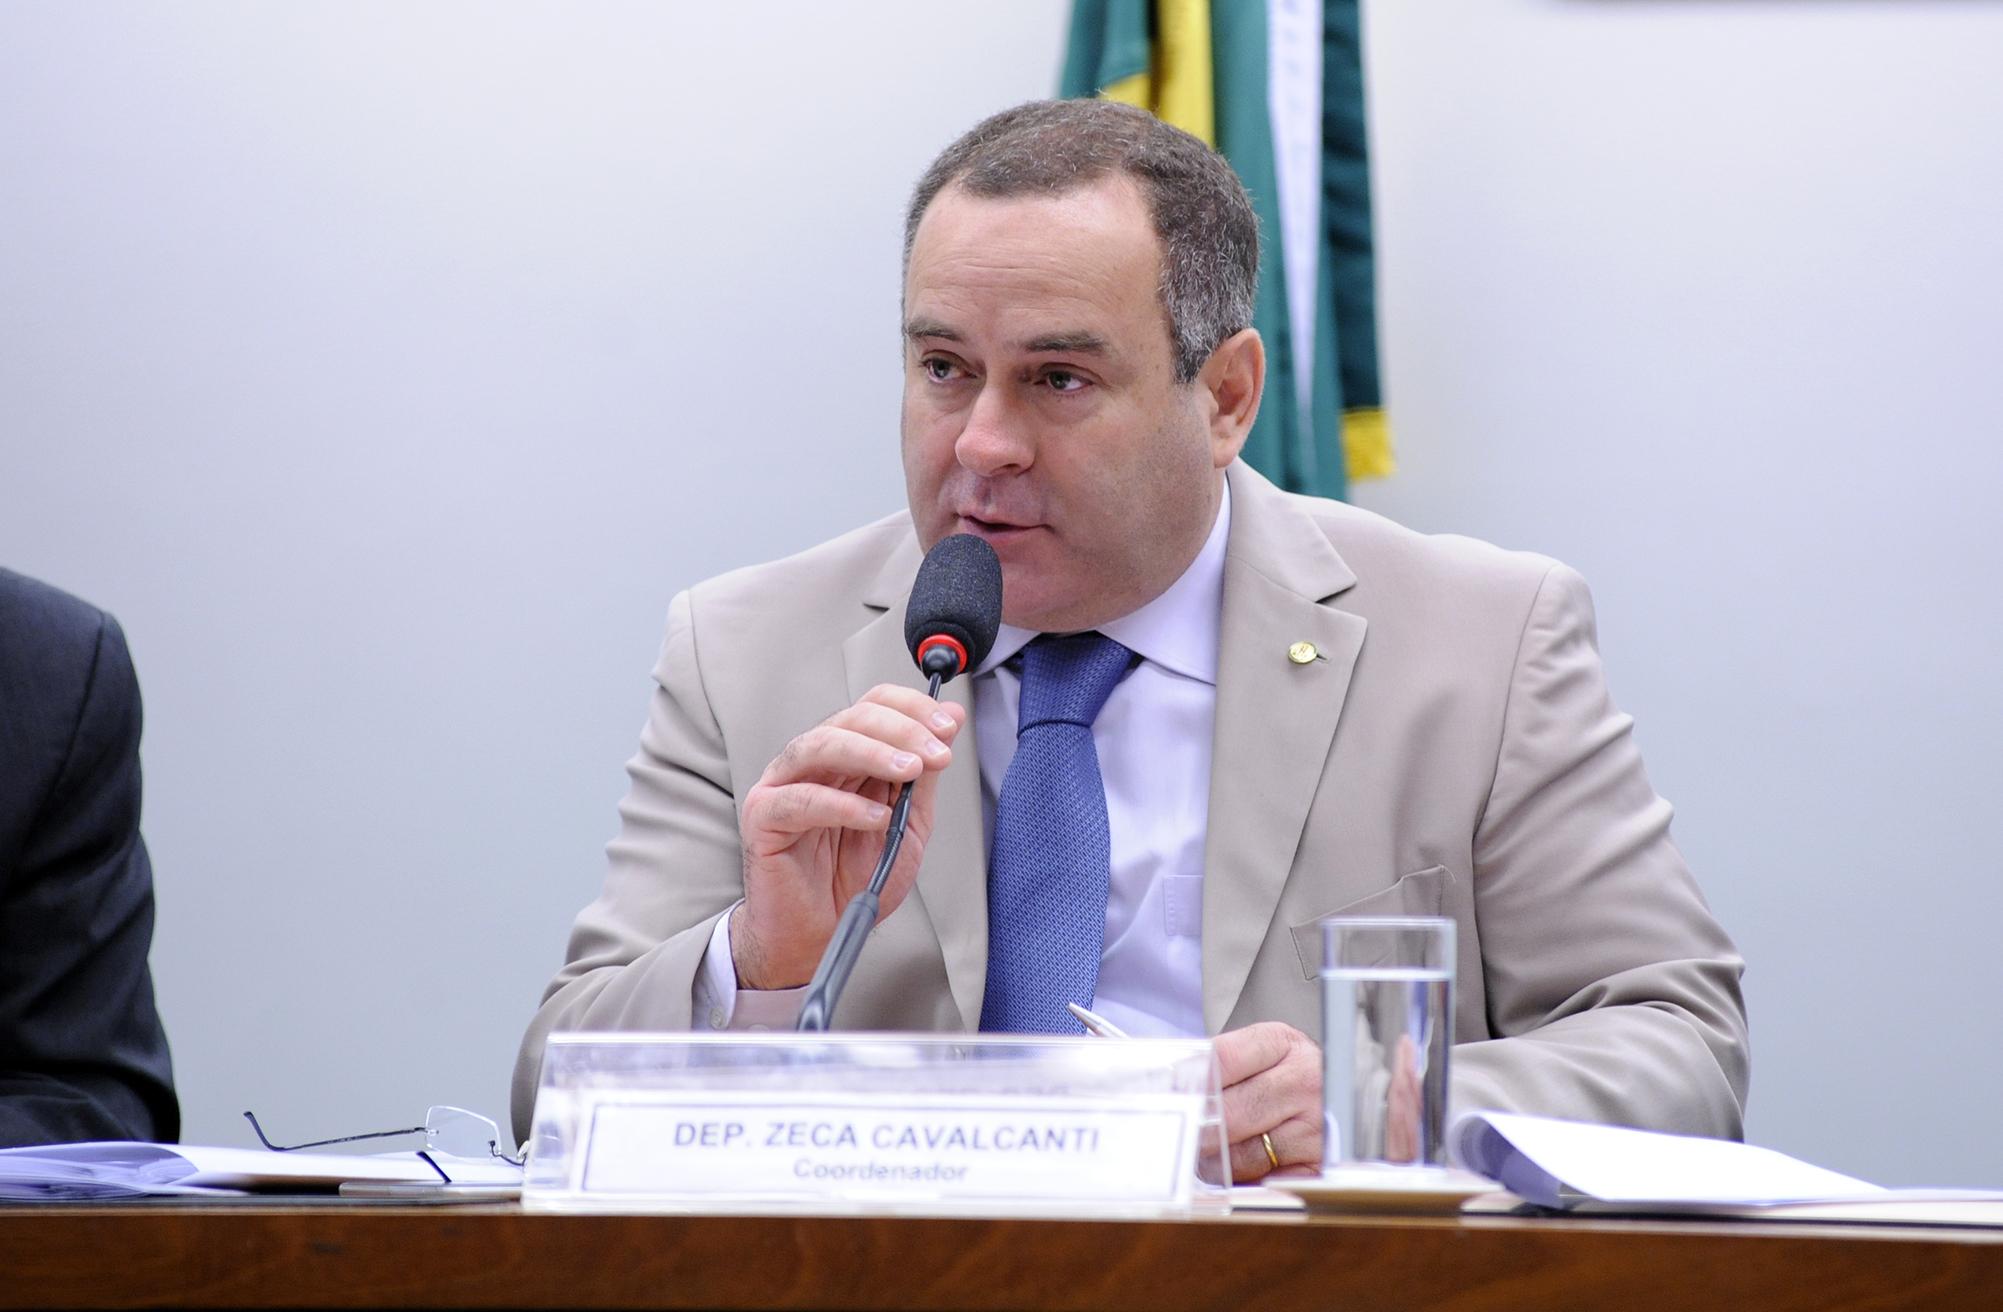 Reunião para apresentação, discussão e votação do relatório do dep. Manoel Junior (PMDB-PB). Dep. Zeca Cavalcanti (PTB-PE)